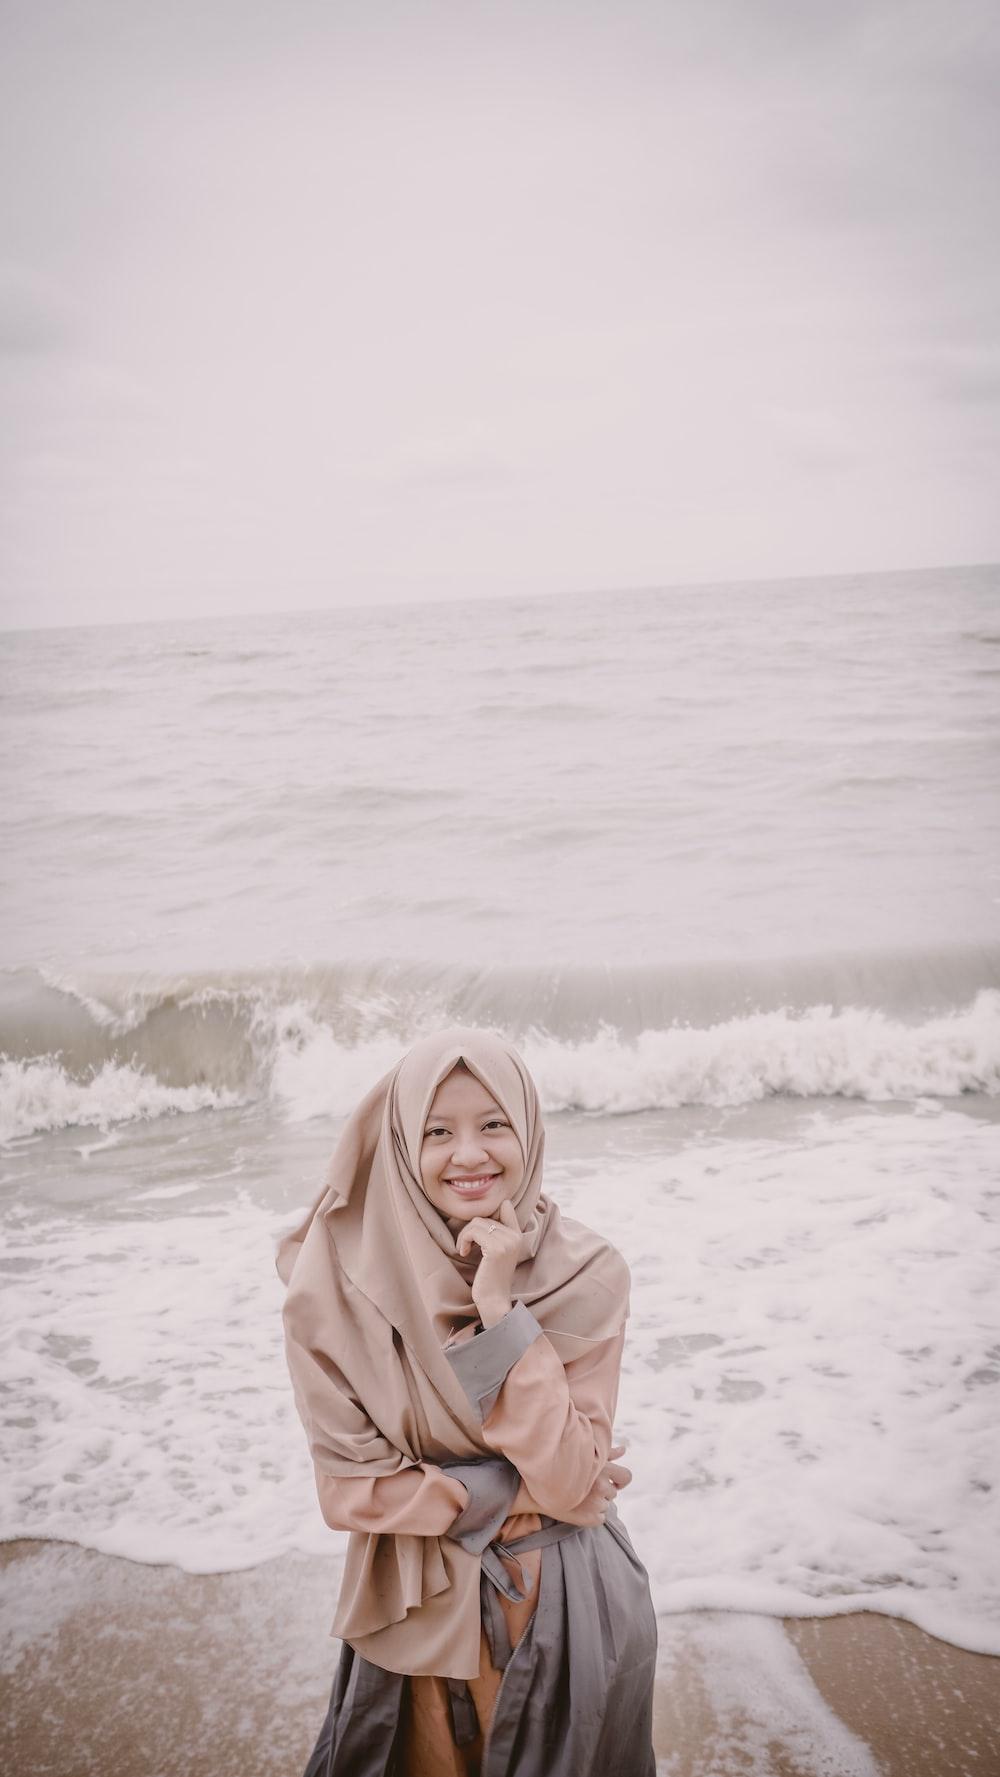 woman wearing brown hijab beside seashore